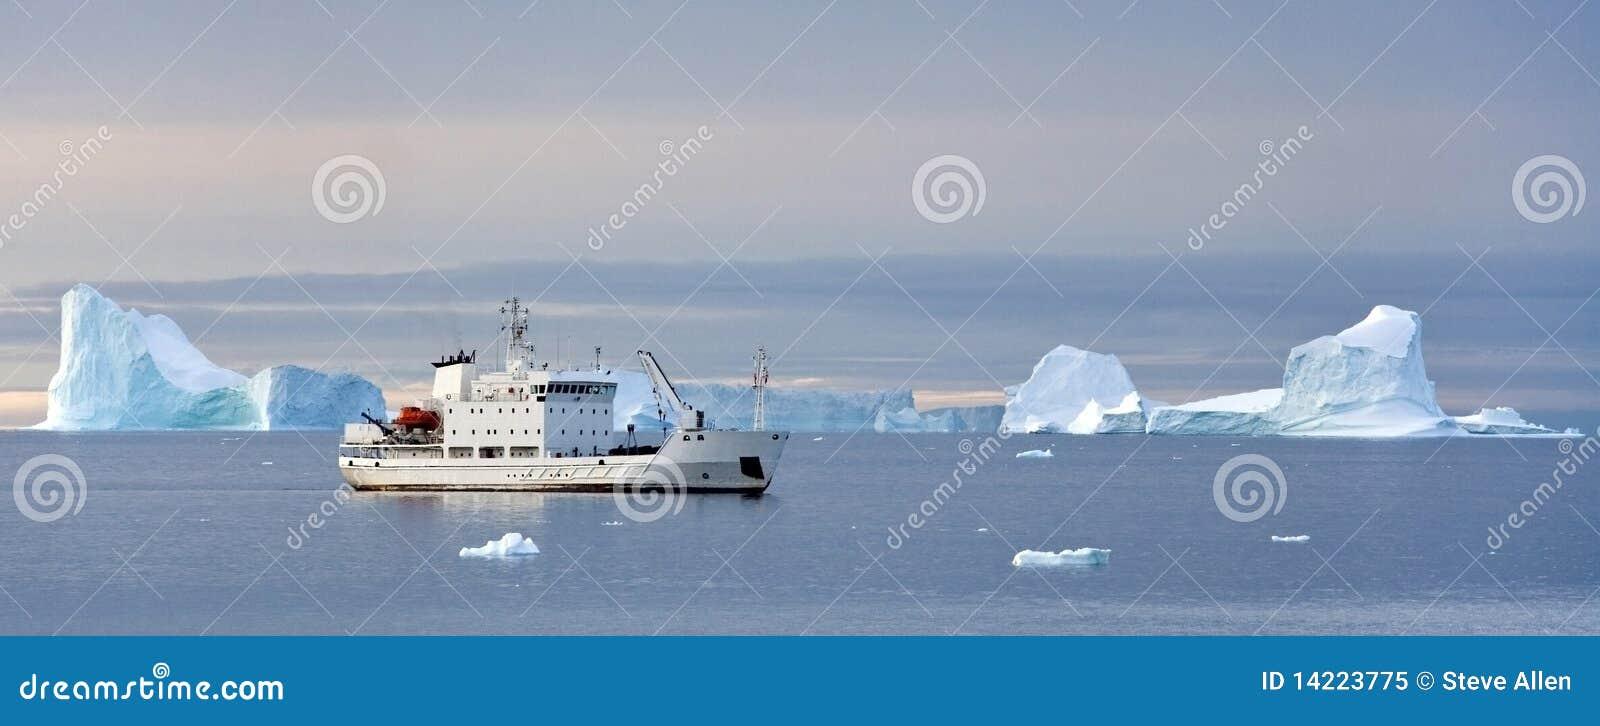 Het schip van de toerist in het hoge Noordpoolgebied